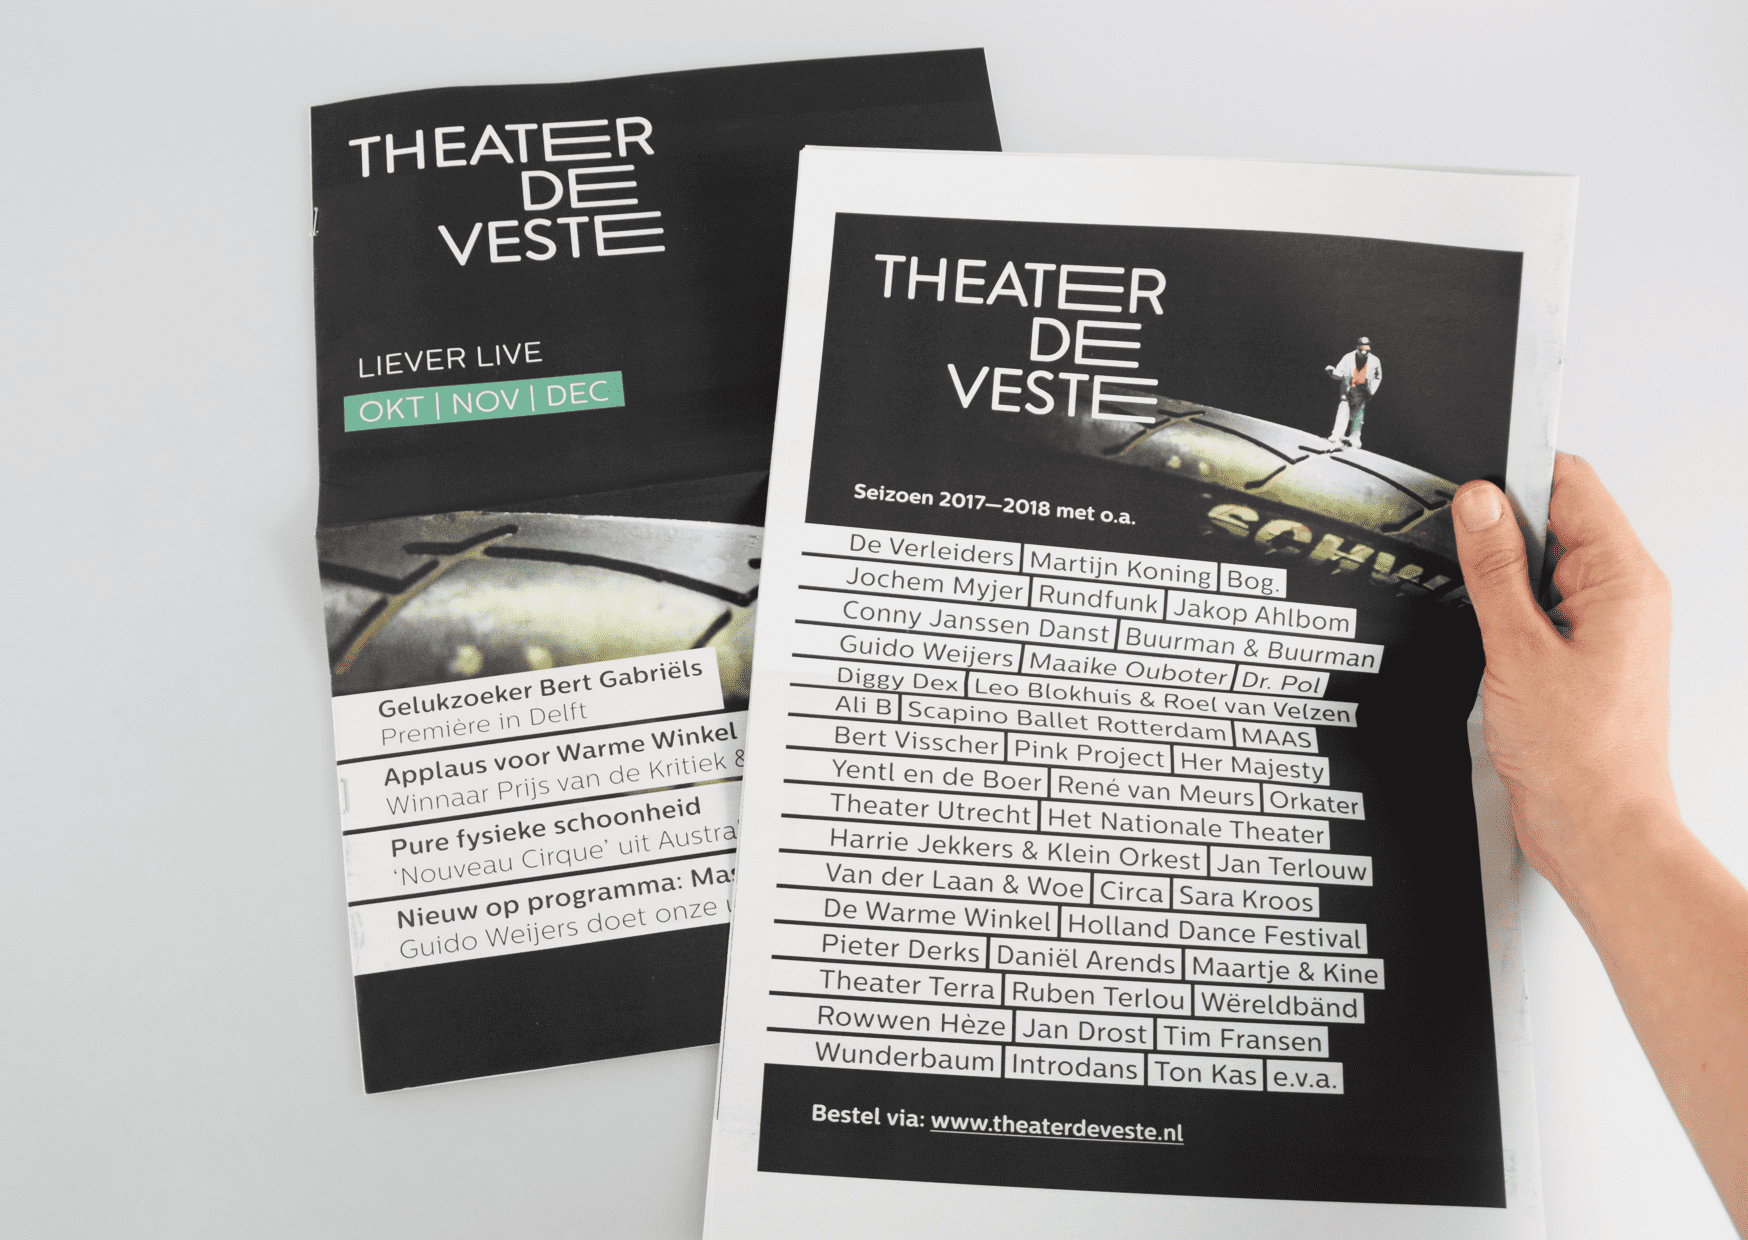 Theater de Veste, Seizoen 17|18, Studio Enkelvoud, seizoensbrochure, toneel, campagnebeeld, grafisch ontwerp, fotografie, miniatuur, miniature, theaterkrant, seizoenskrant, 2017, 2018